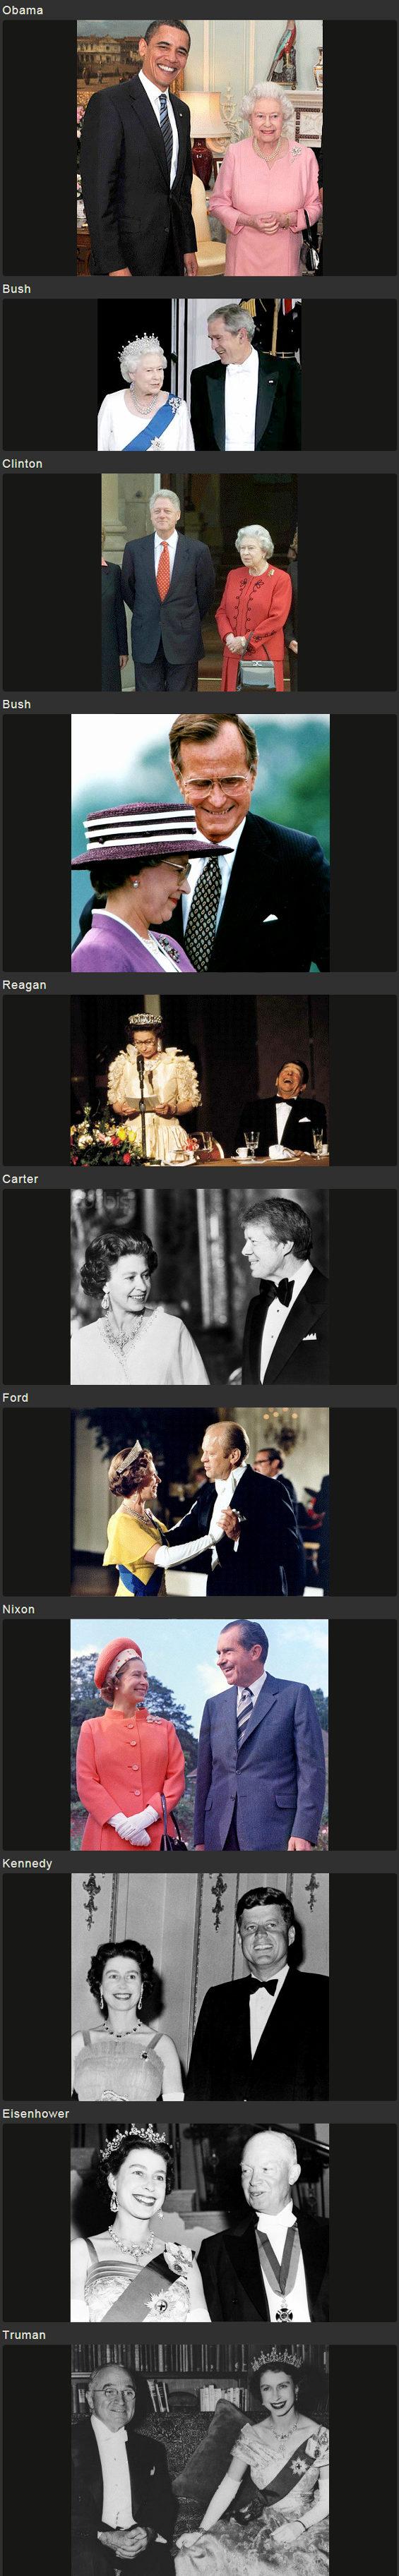 【画像】 英連邦女王 vs. 米歴代大統領 ~ Queen vs. President